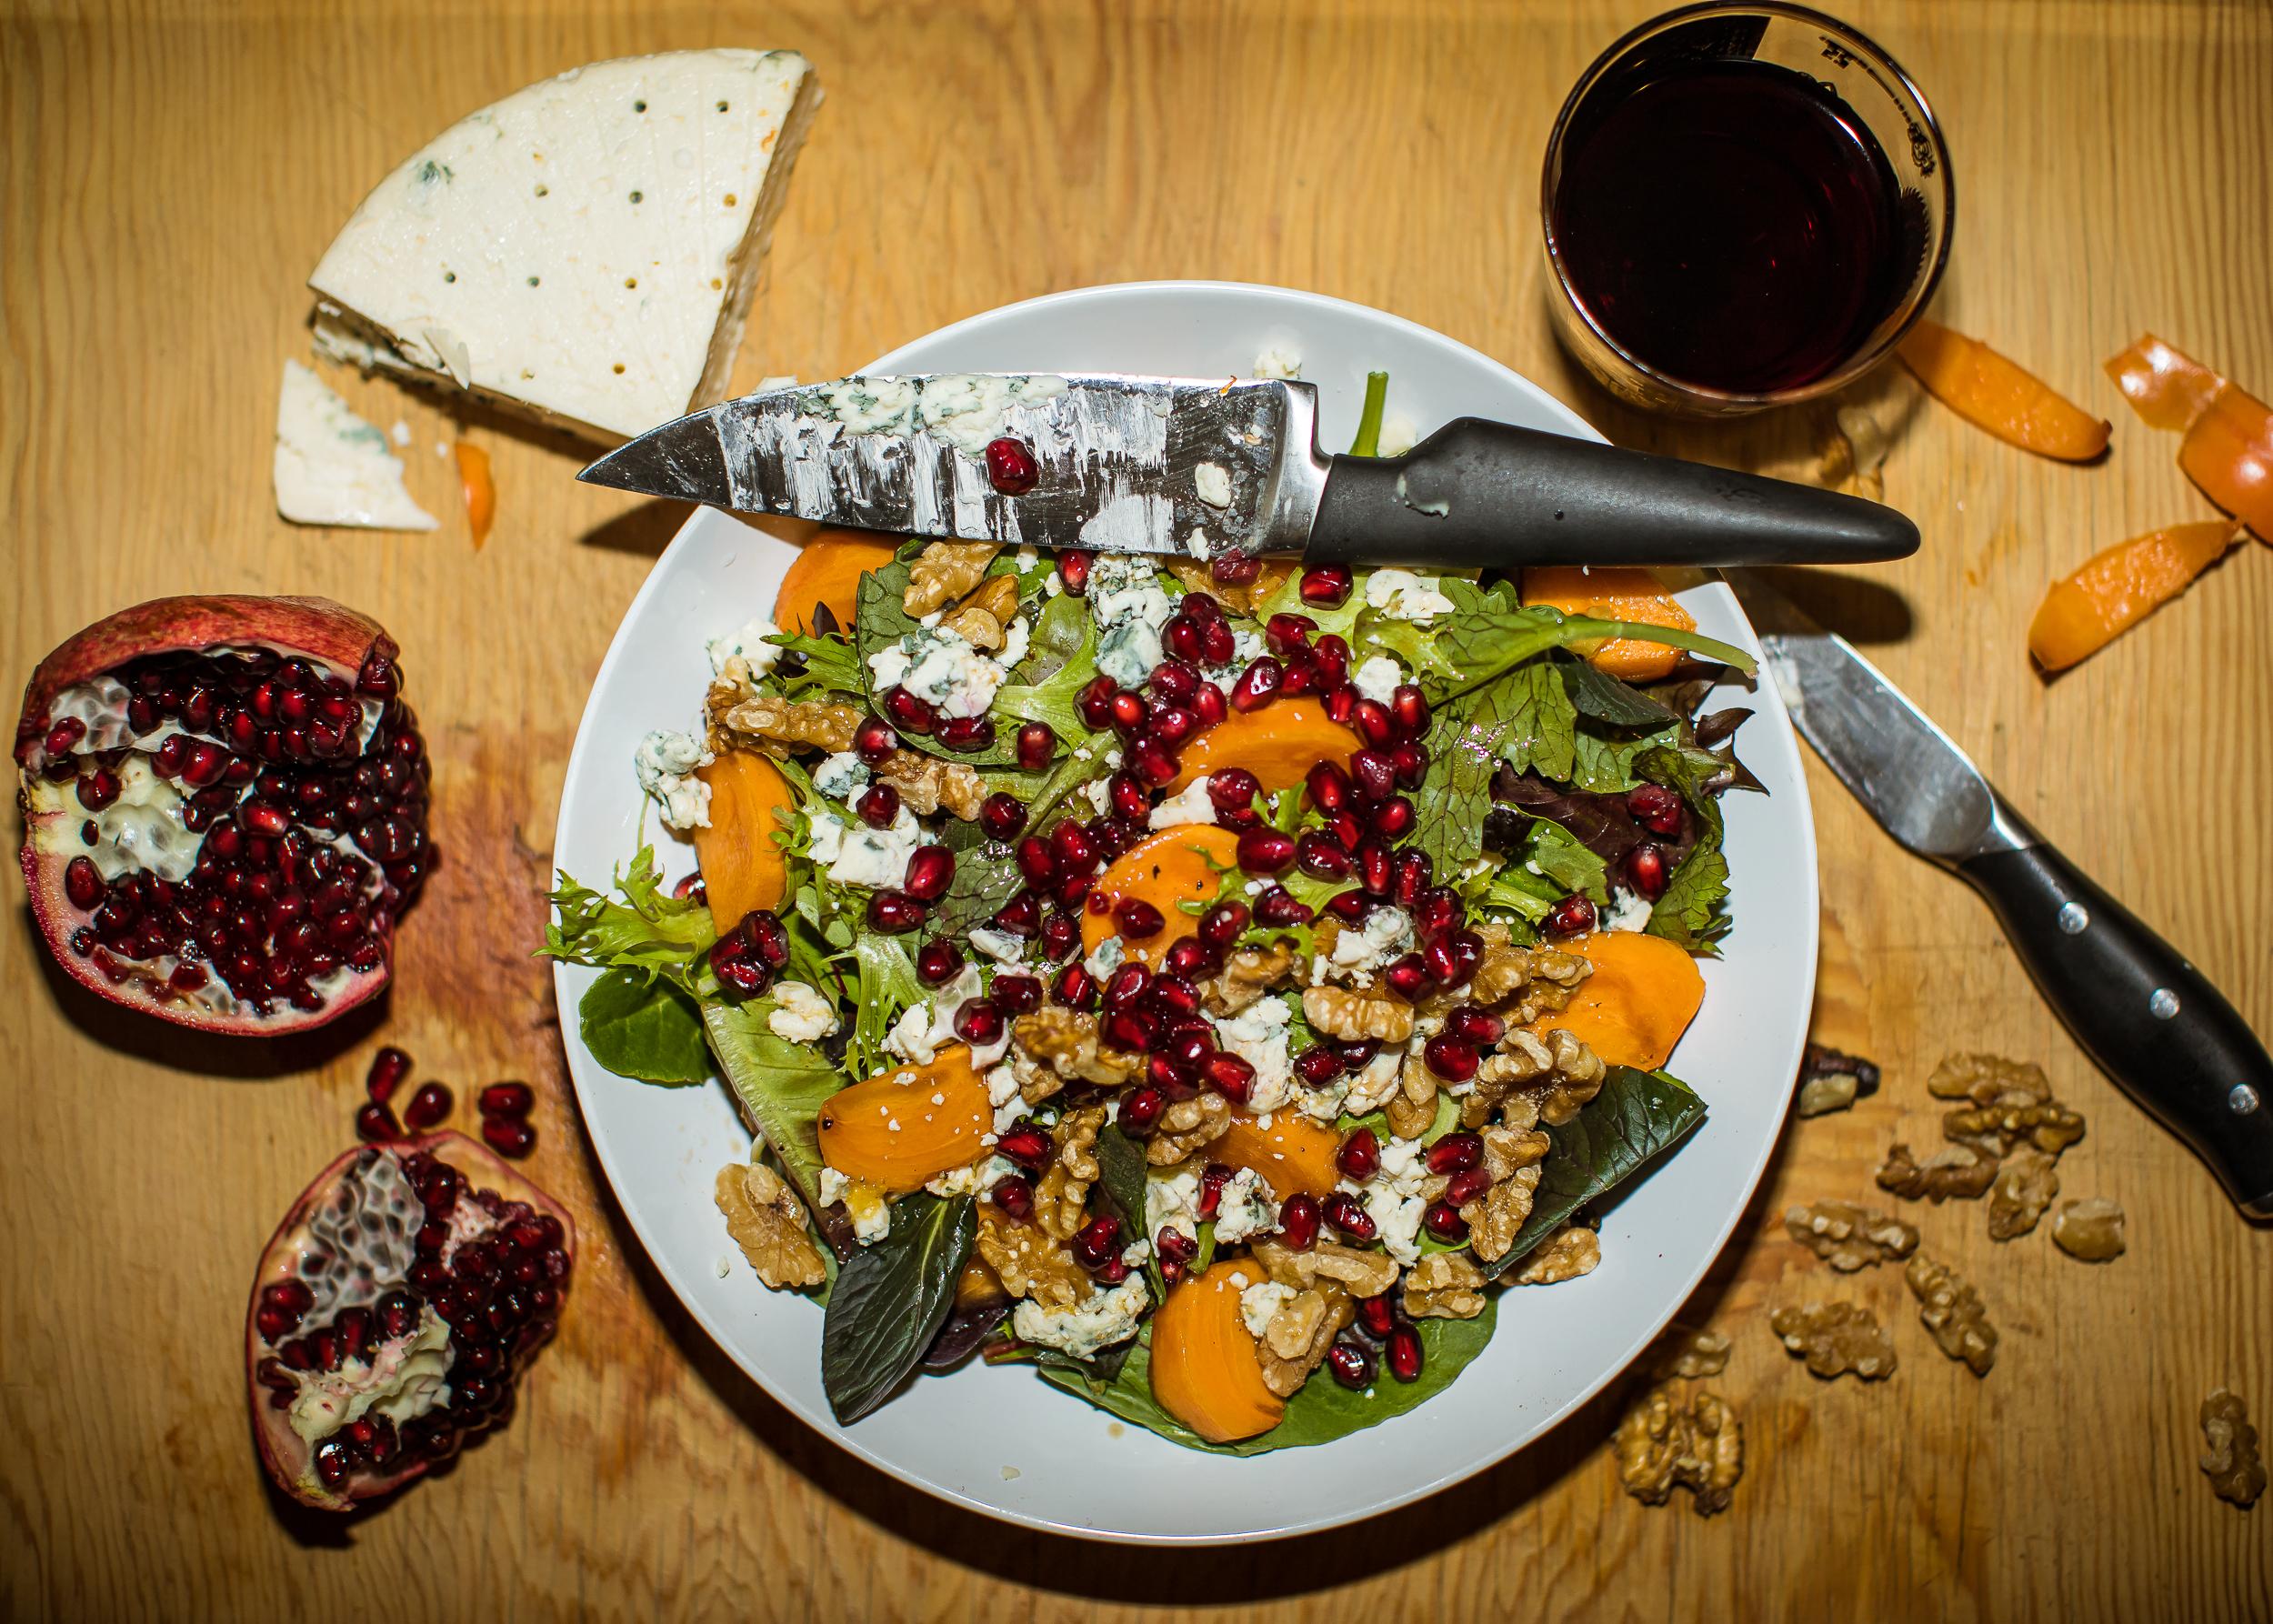 salad-pomegranite-persimmon-citrus-walnuts.jpg